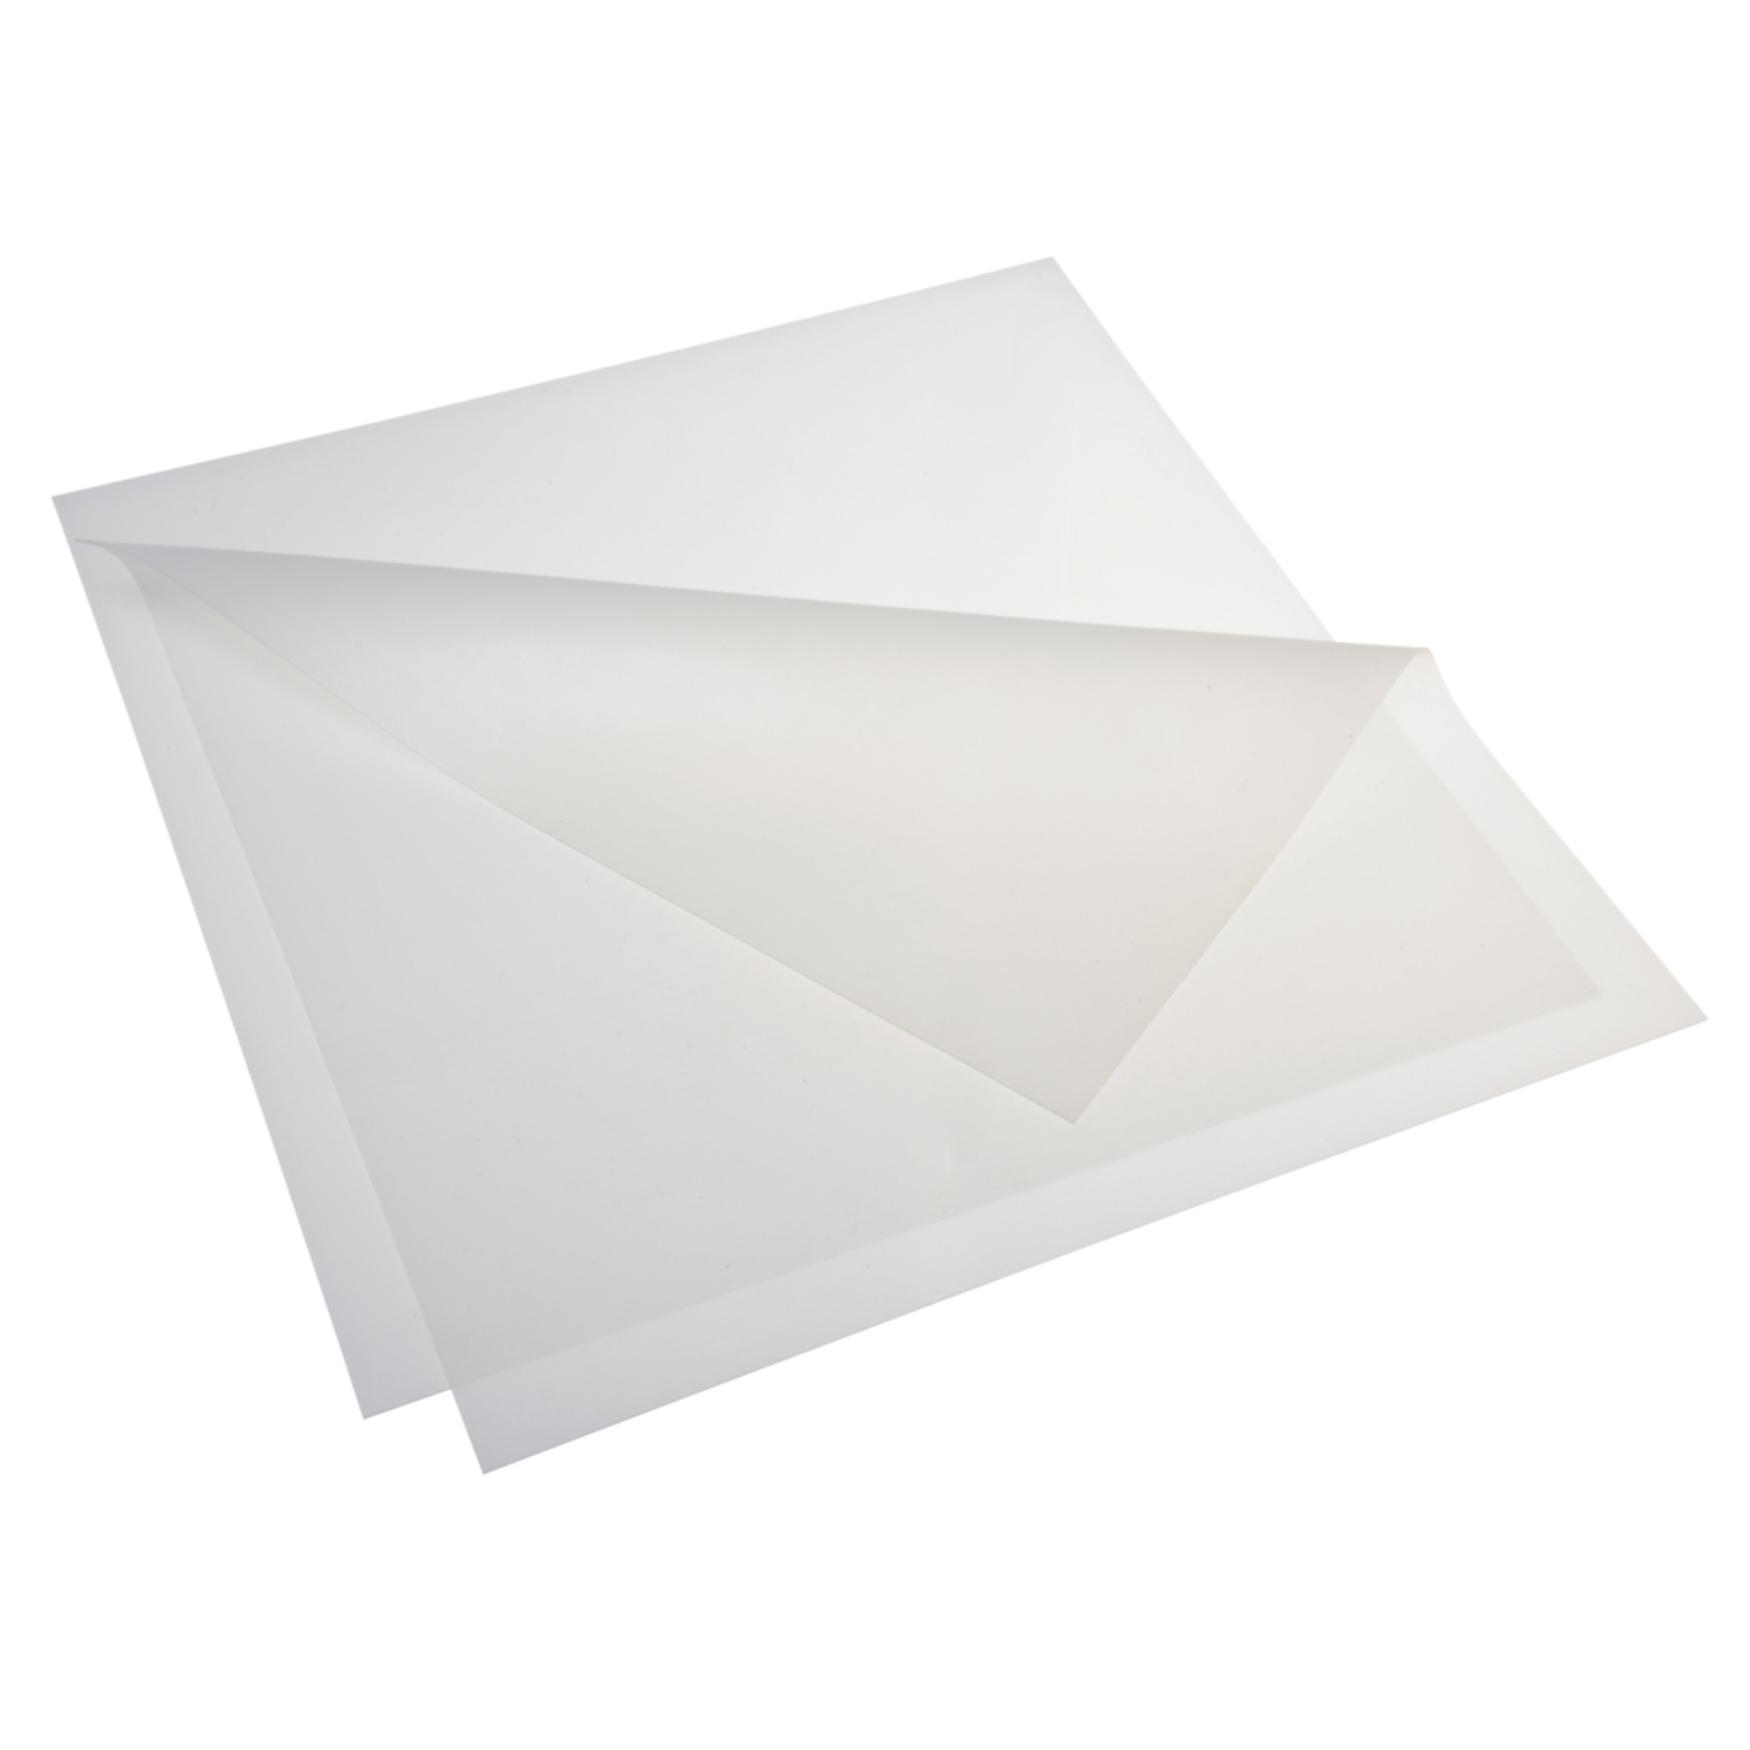 Tappeto da silicone 30cm x 40cm